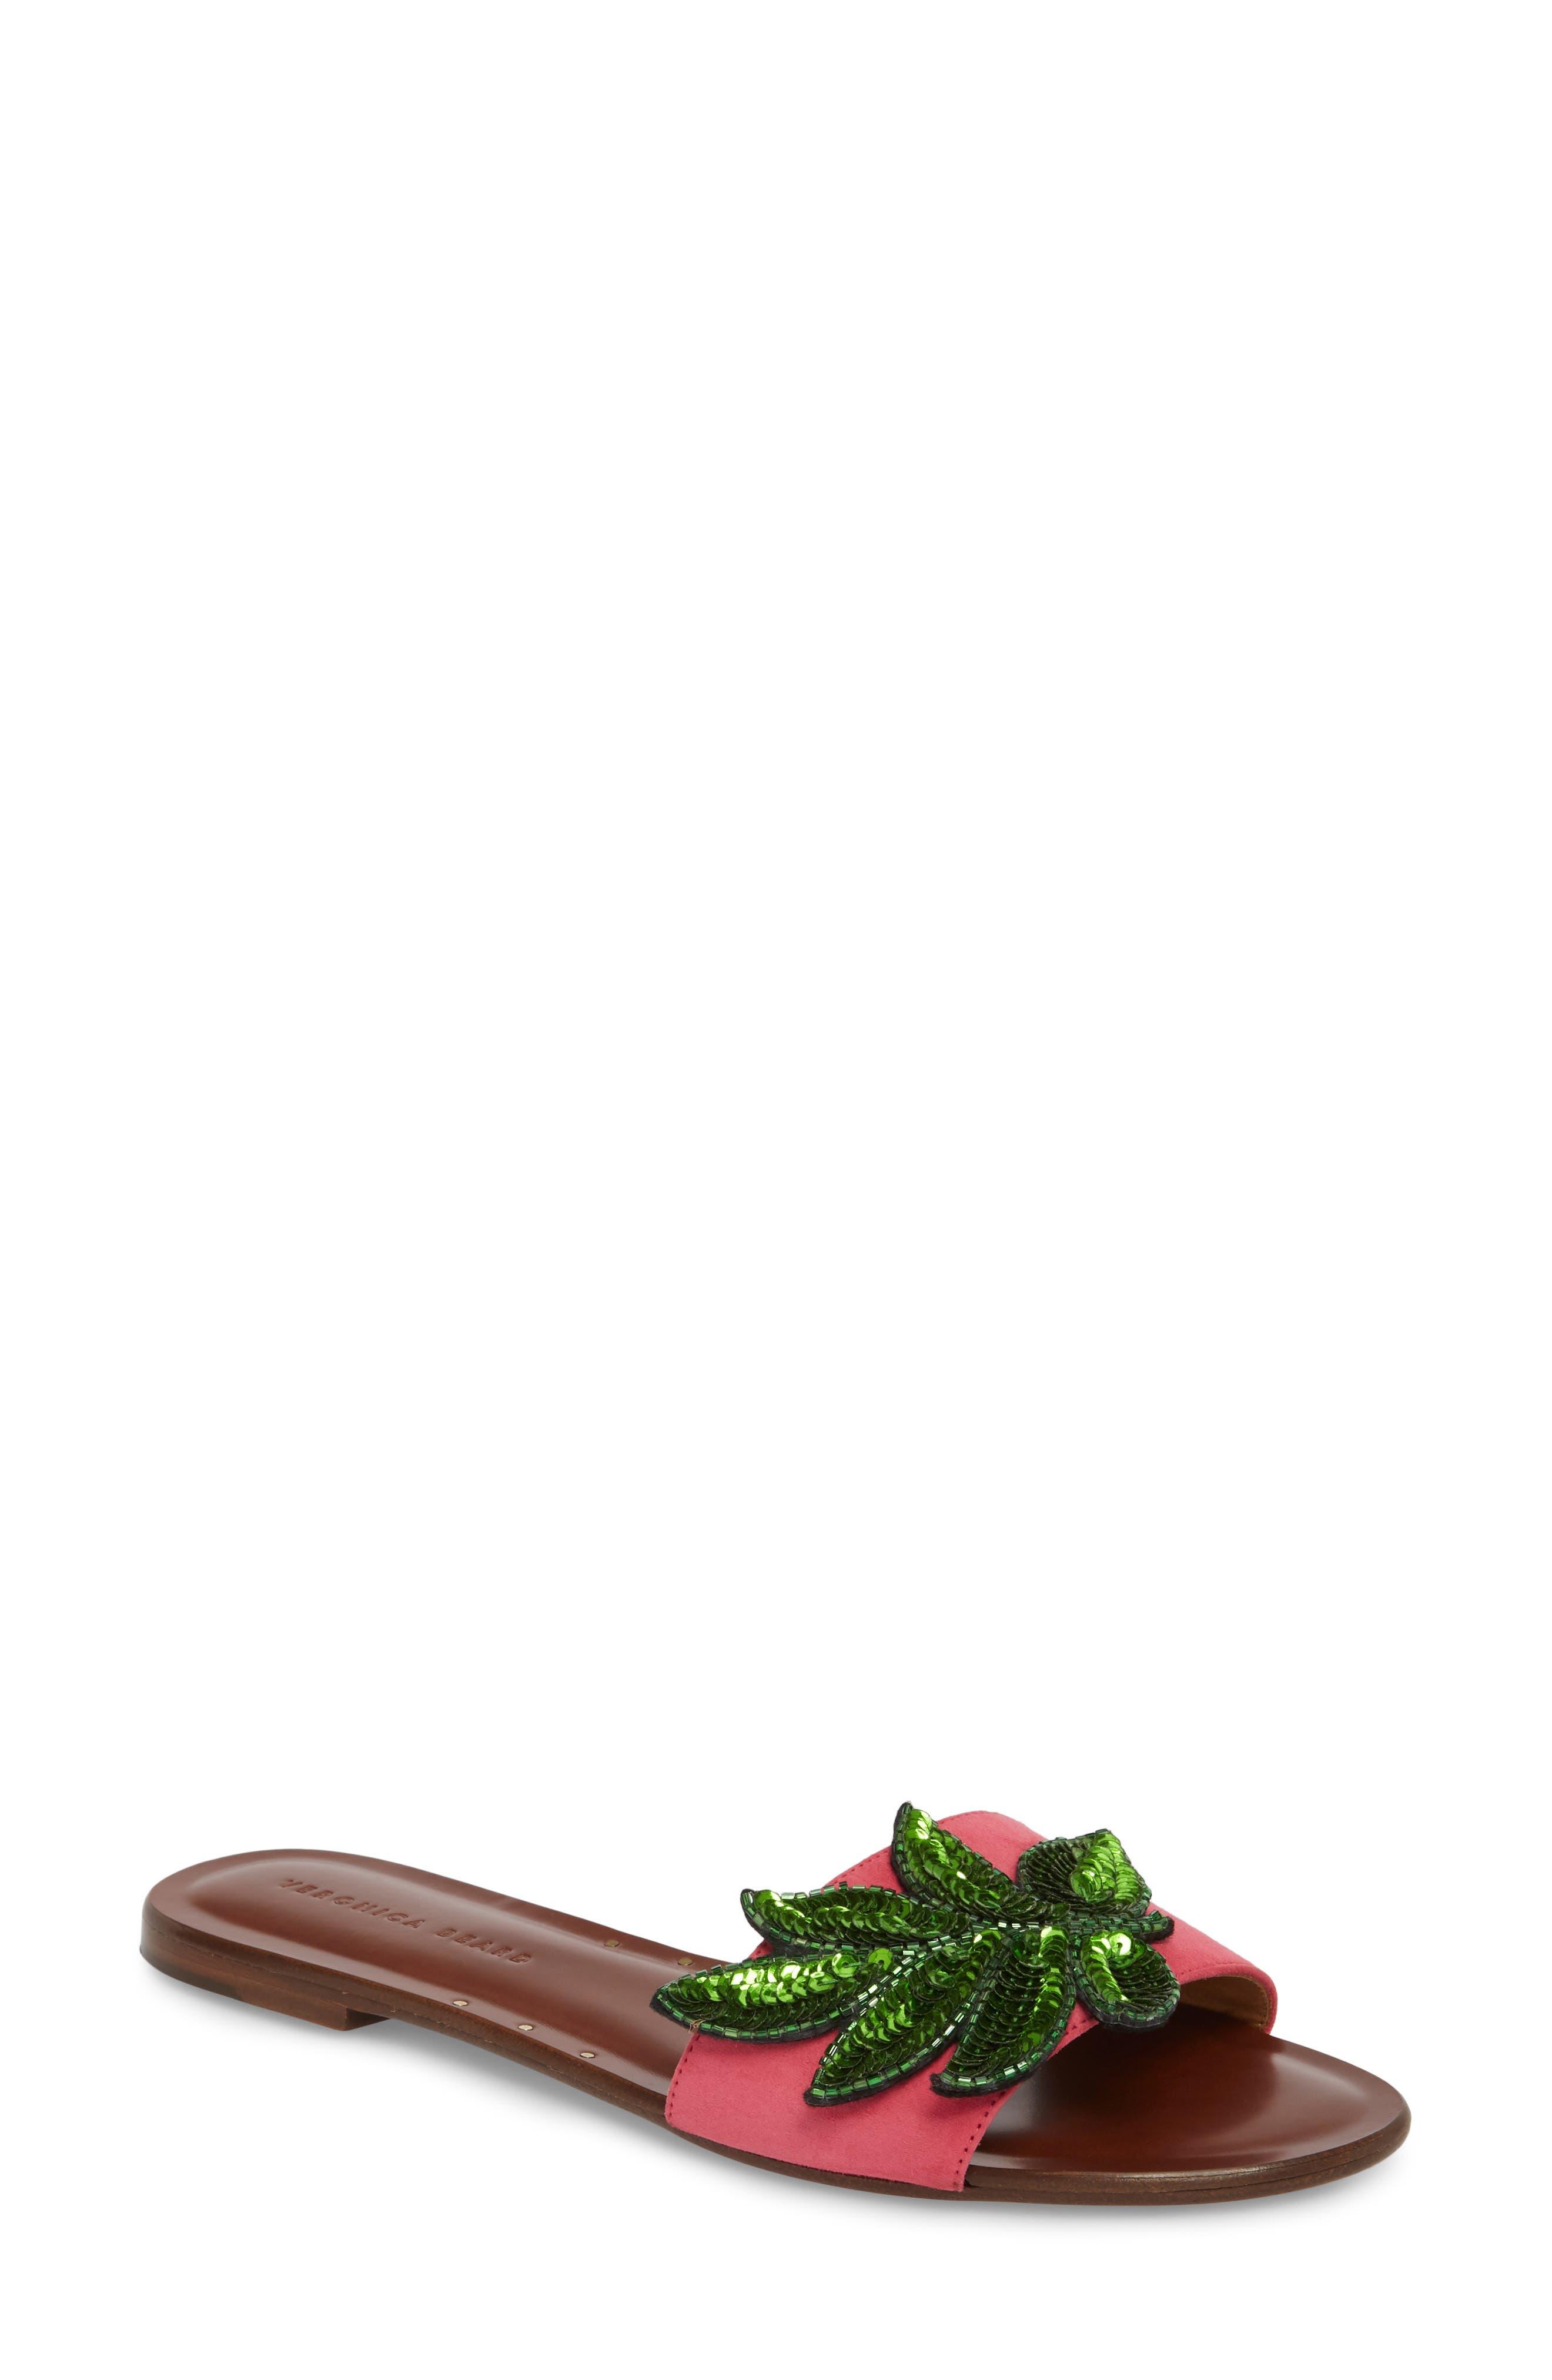 Veronica Beard Flor Sequin Slide Sandal (Women)